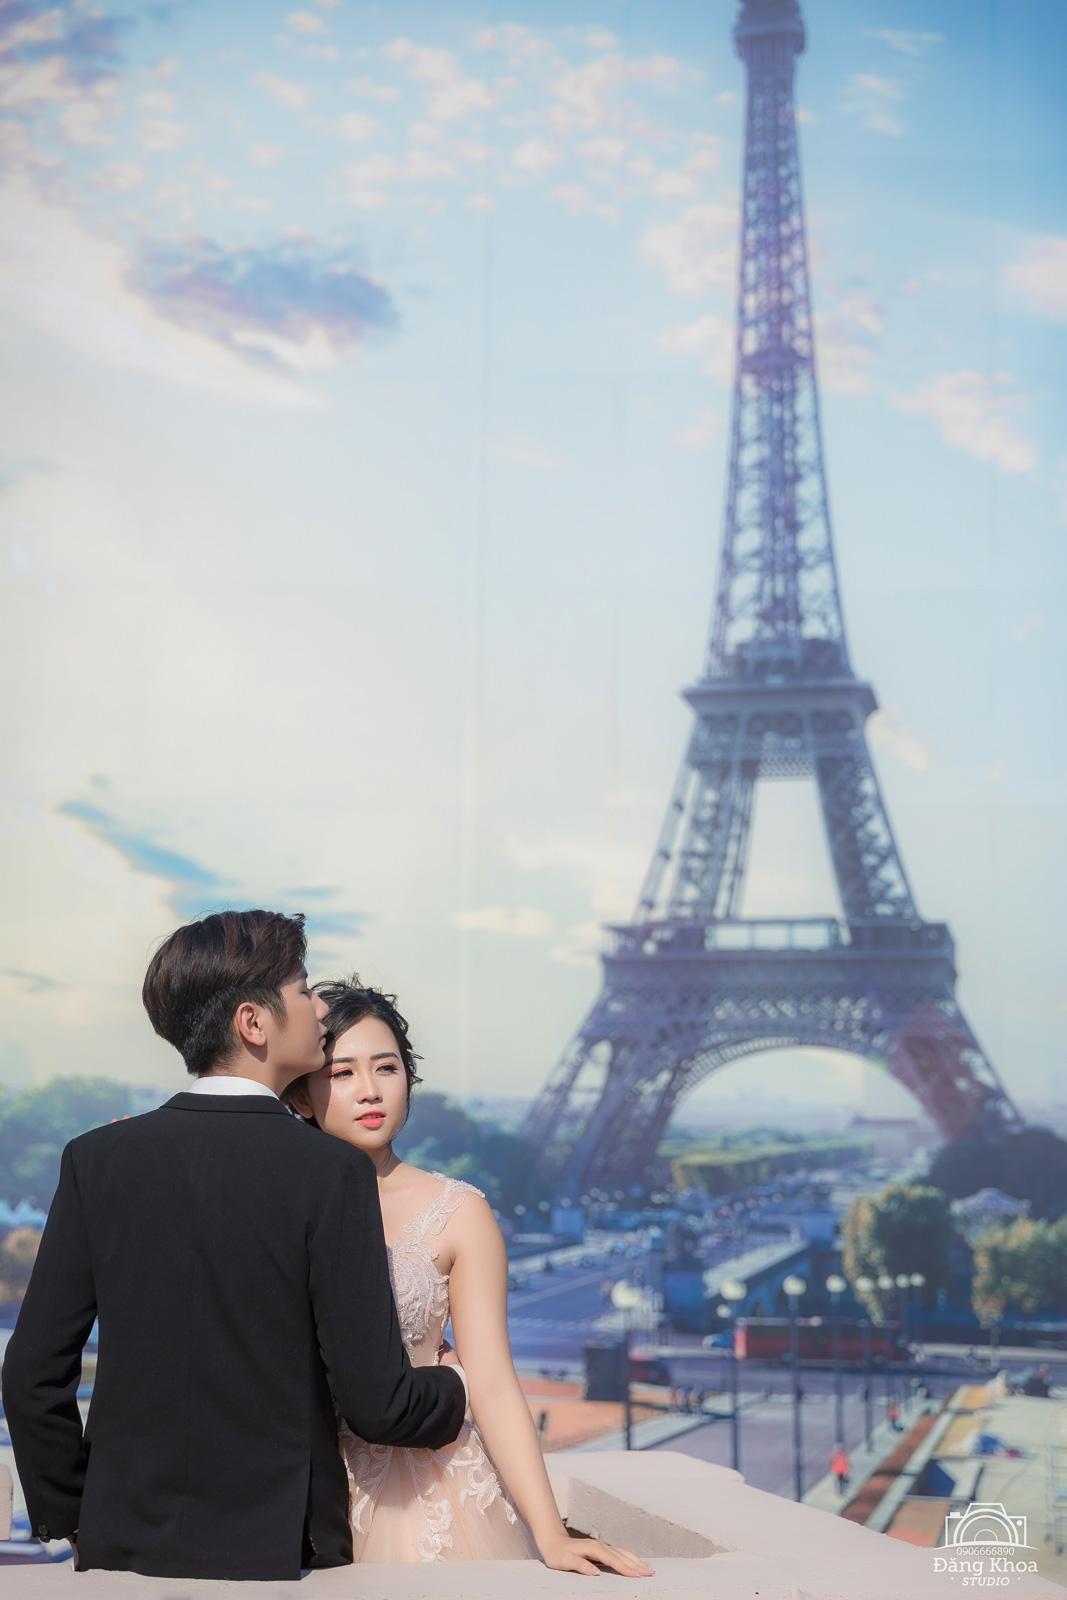 chụp hình cưới tại phim trường paris